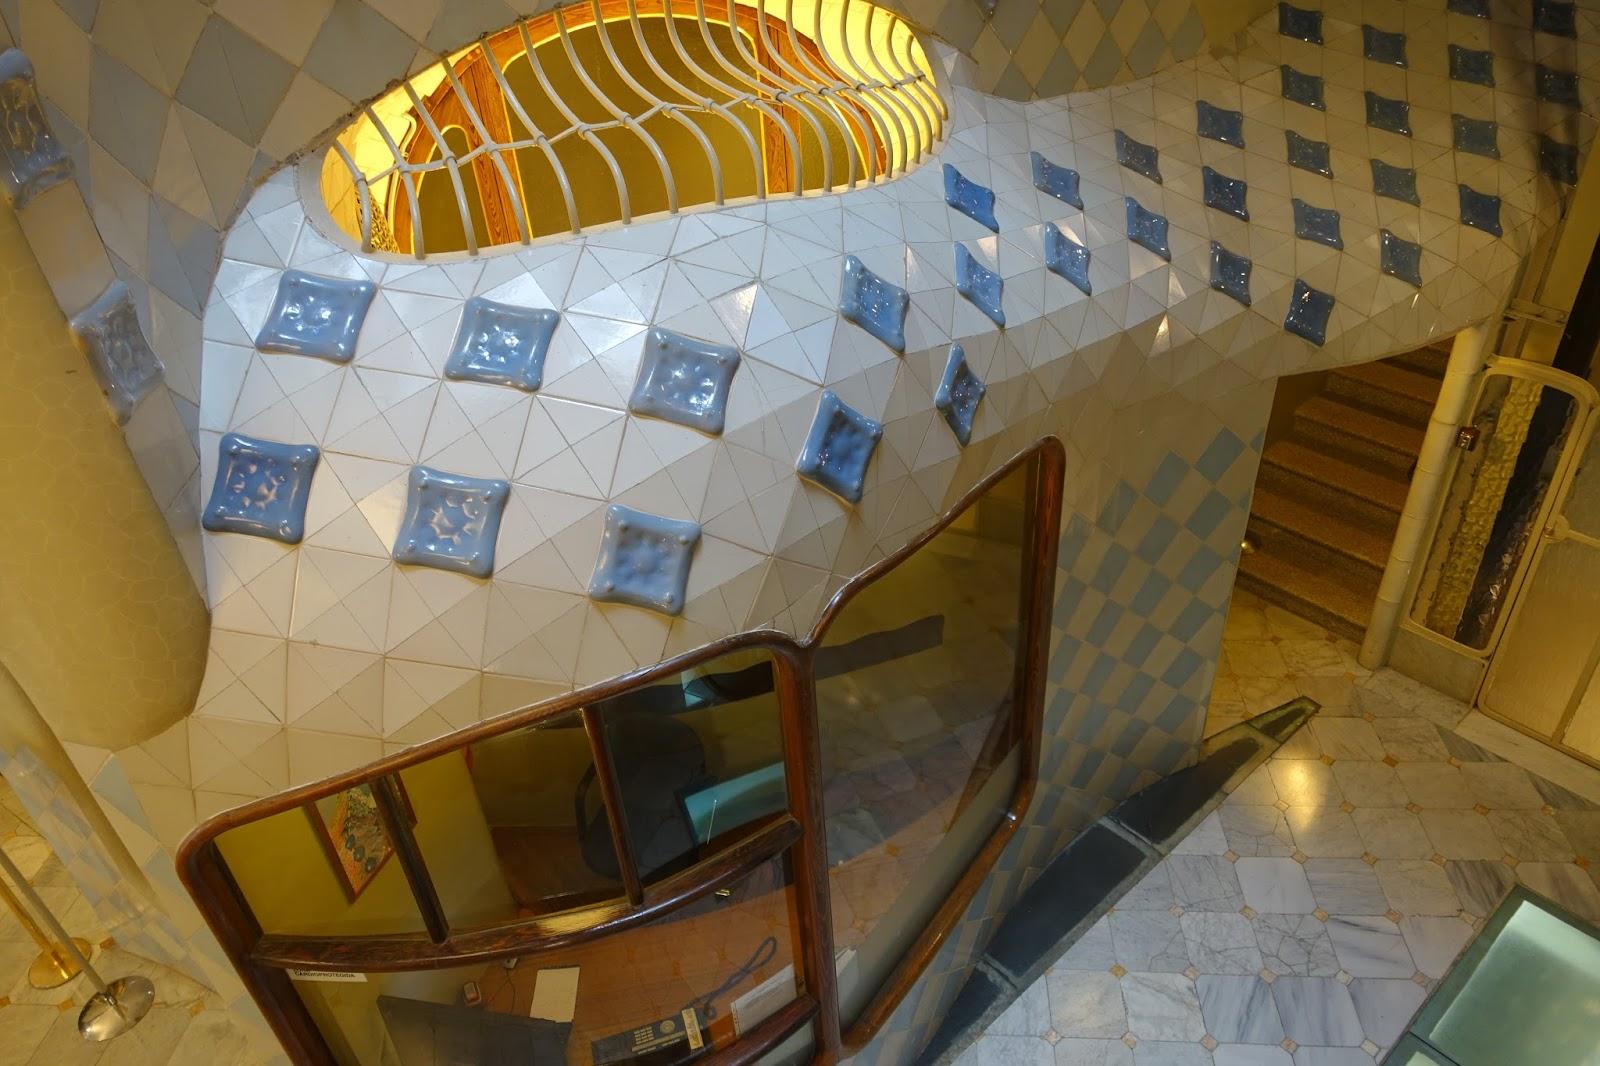 カサ・バトリョ(Casa Batlló)の集合住宅の管理人室